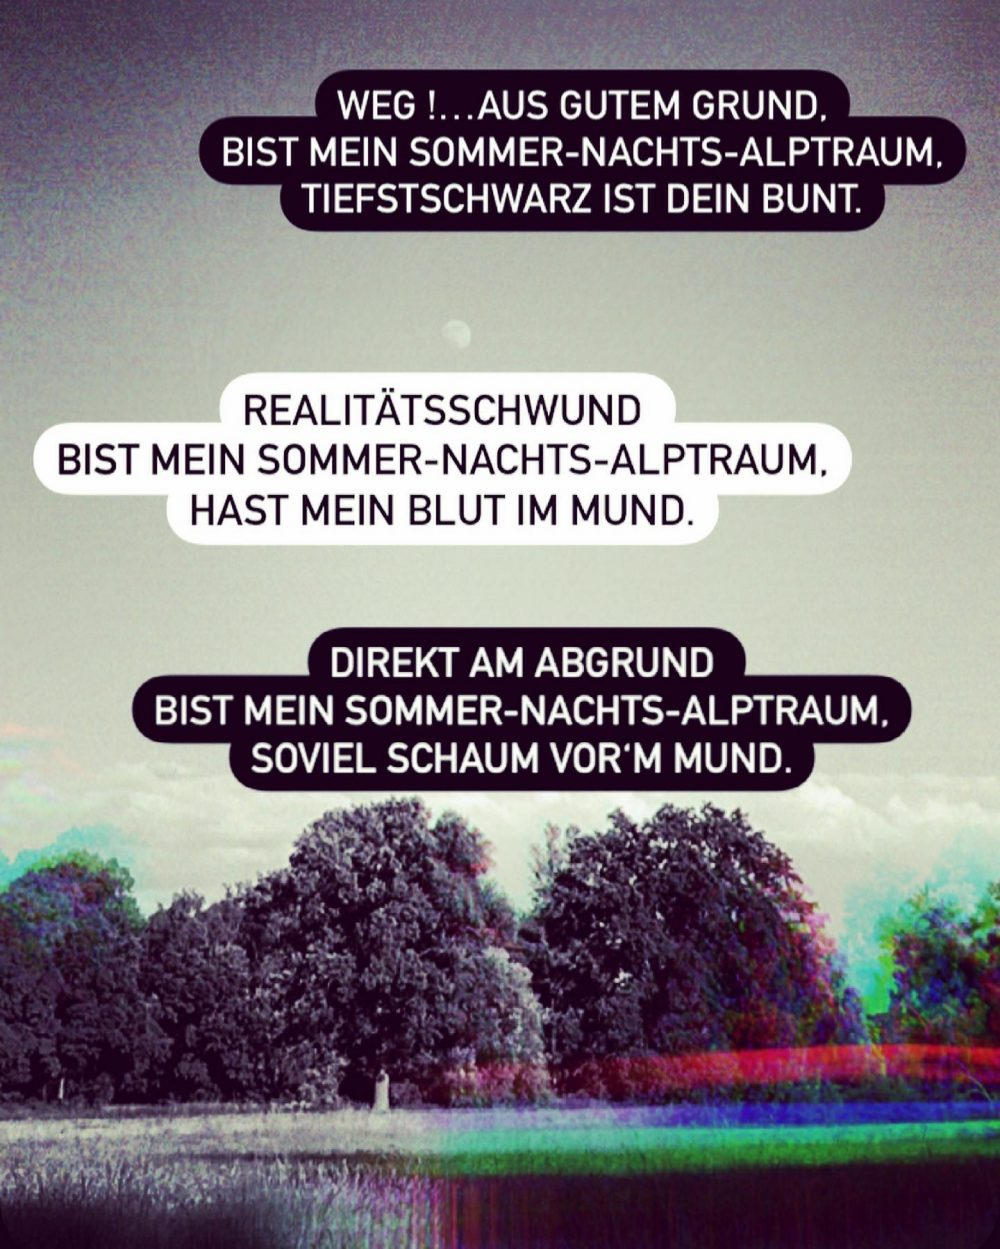 Sommernachtsalptraum #freitagstrigger @instagram